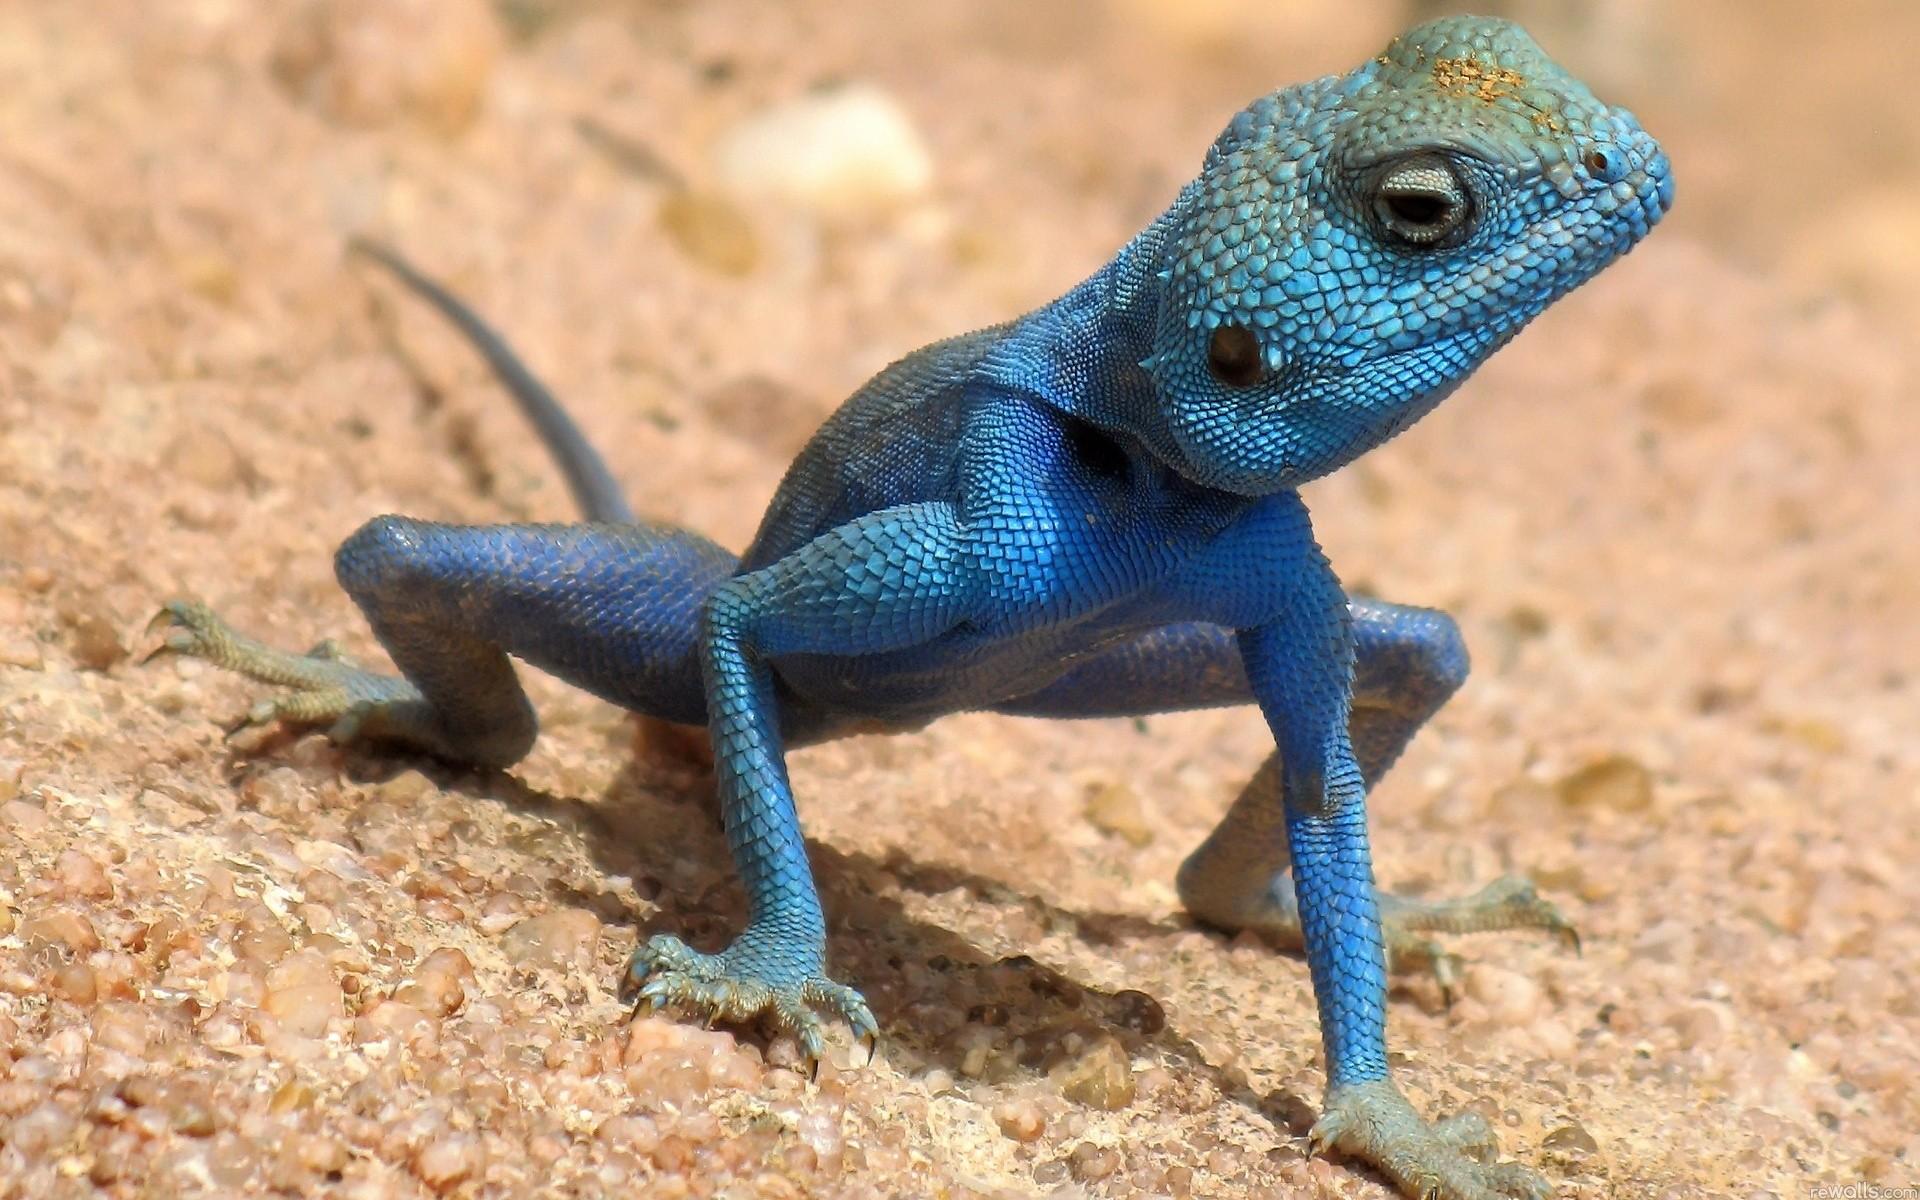 Una iguana azul - 1920x1200